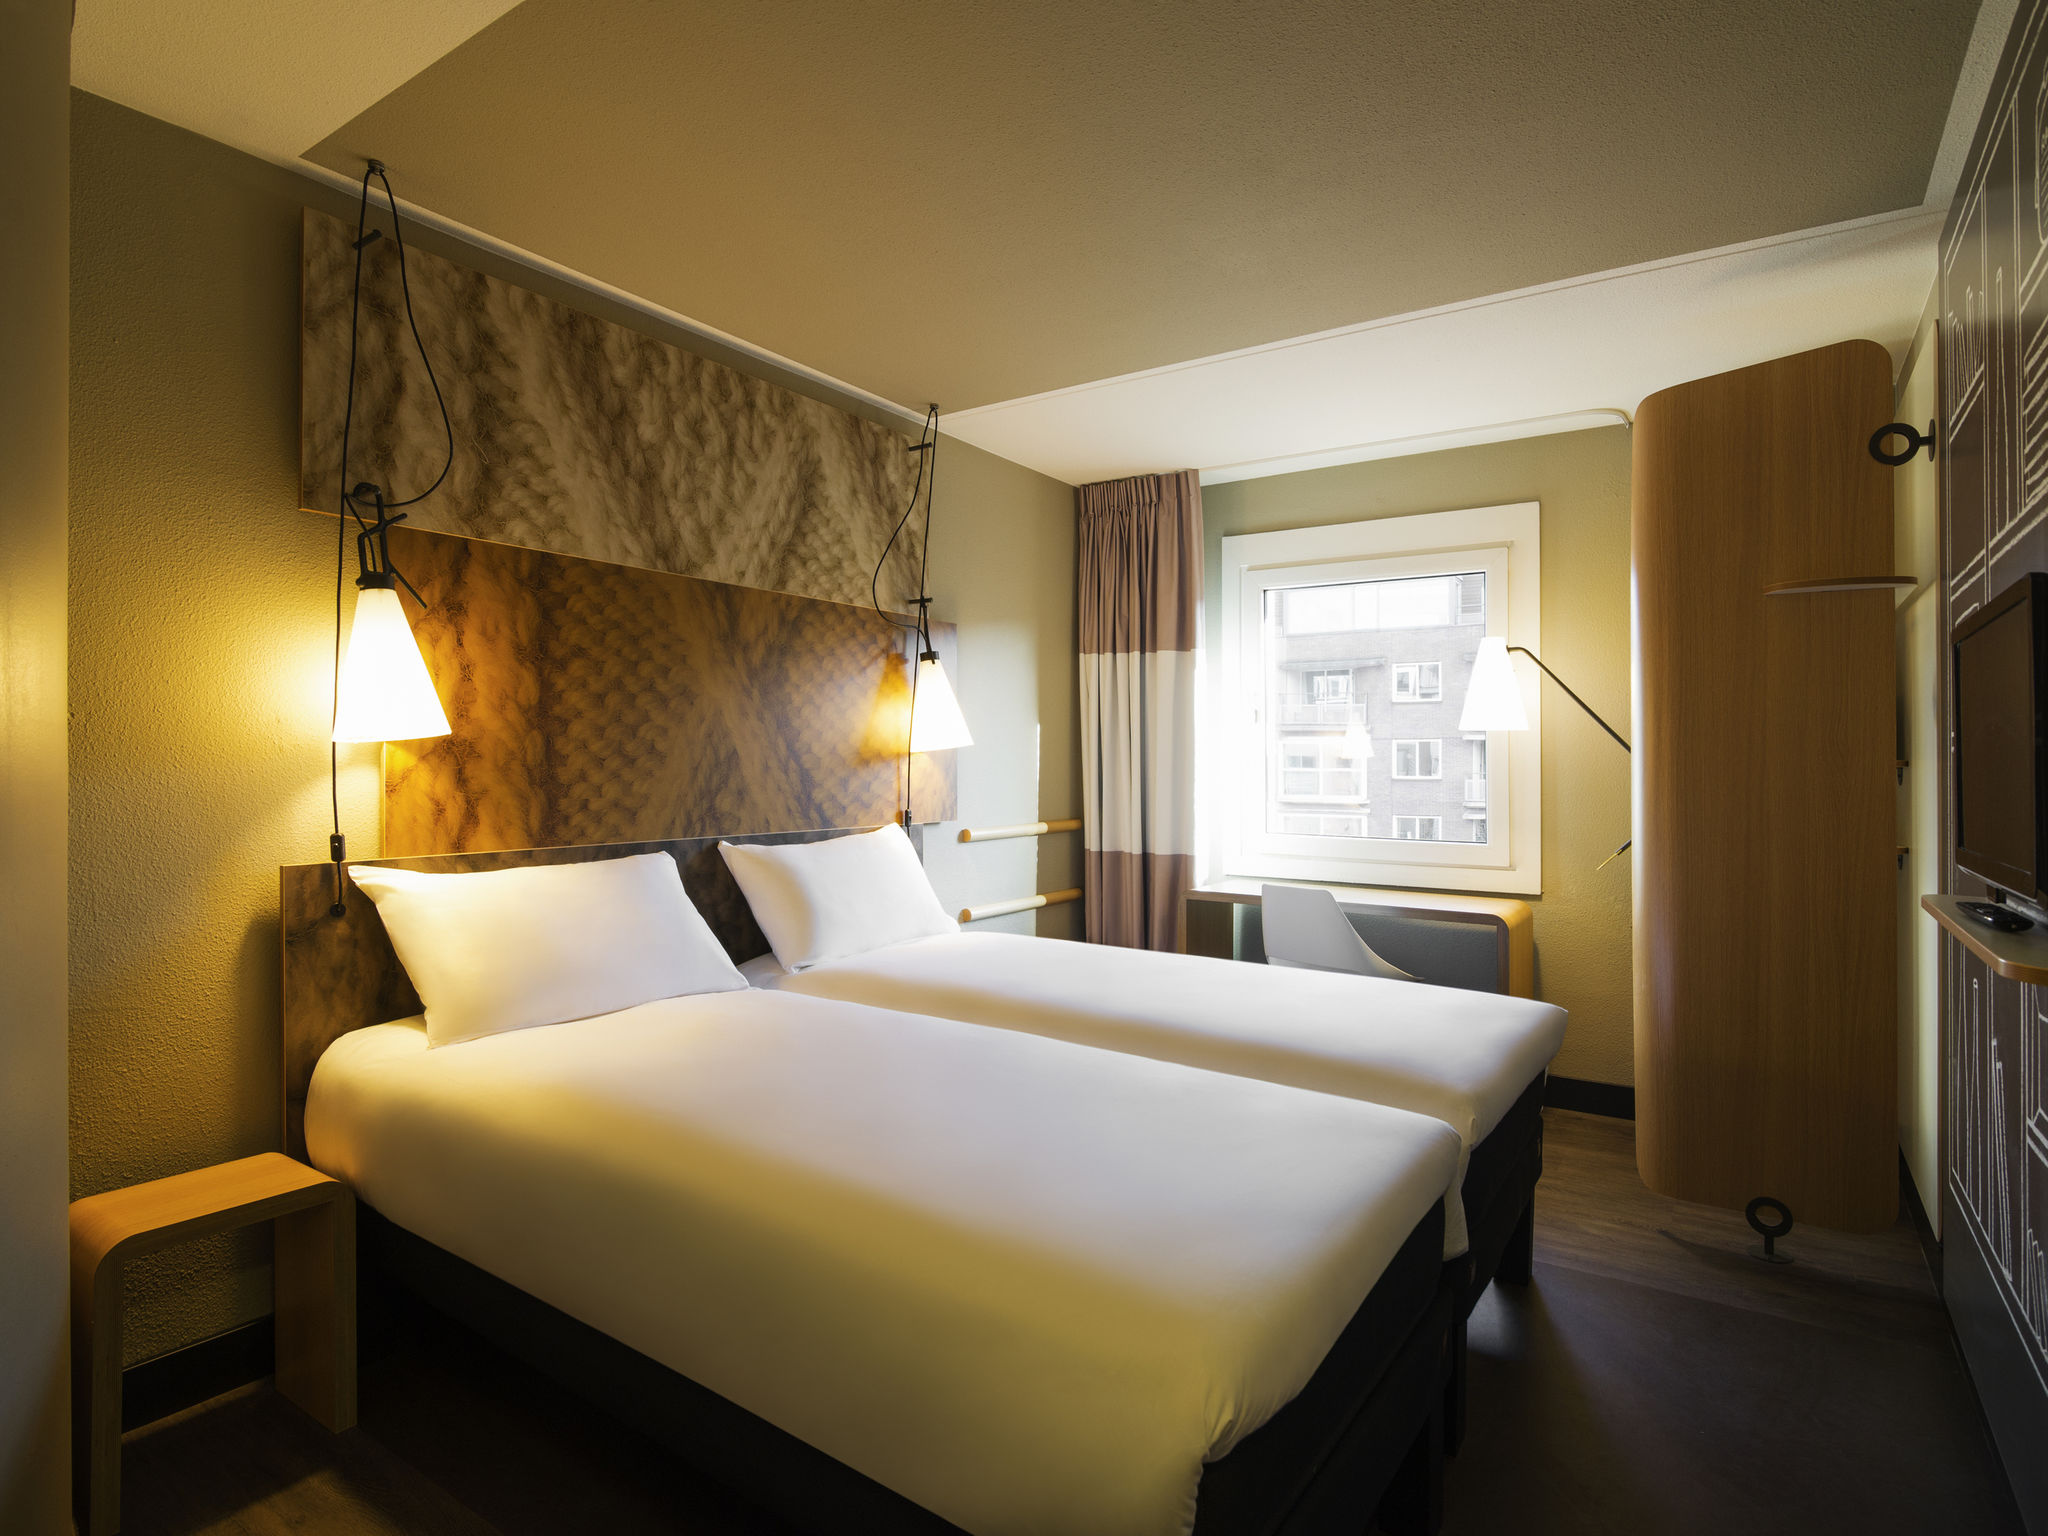 โรงแรม – ไอบิส อัมสเตอร์ดัม เซ็นเตอร์ สโตเปร่า